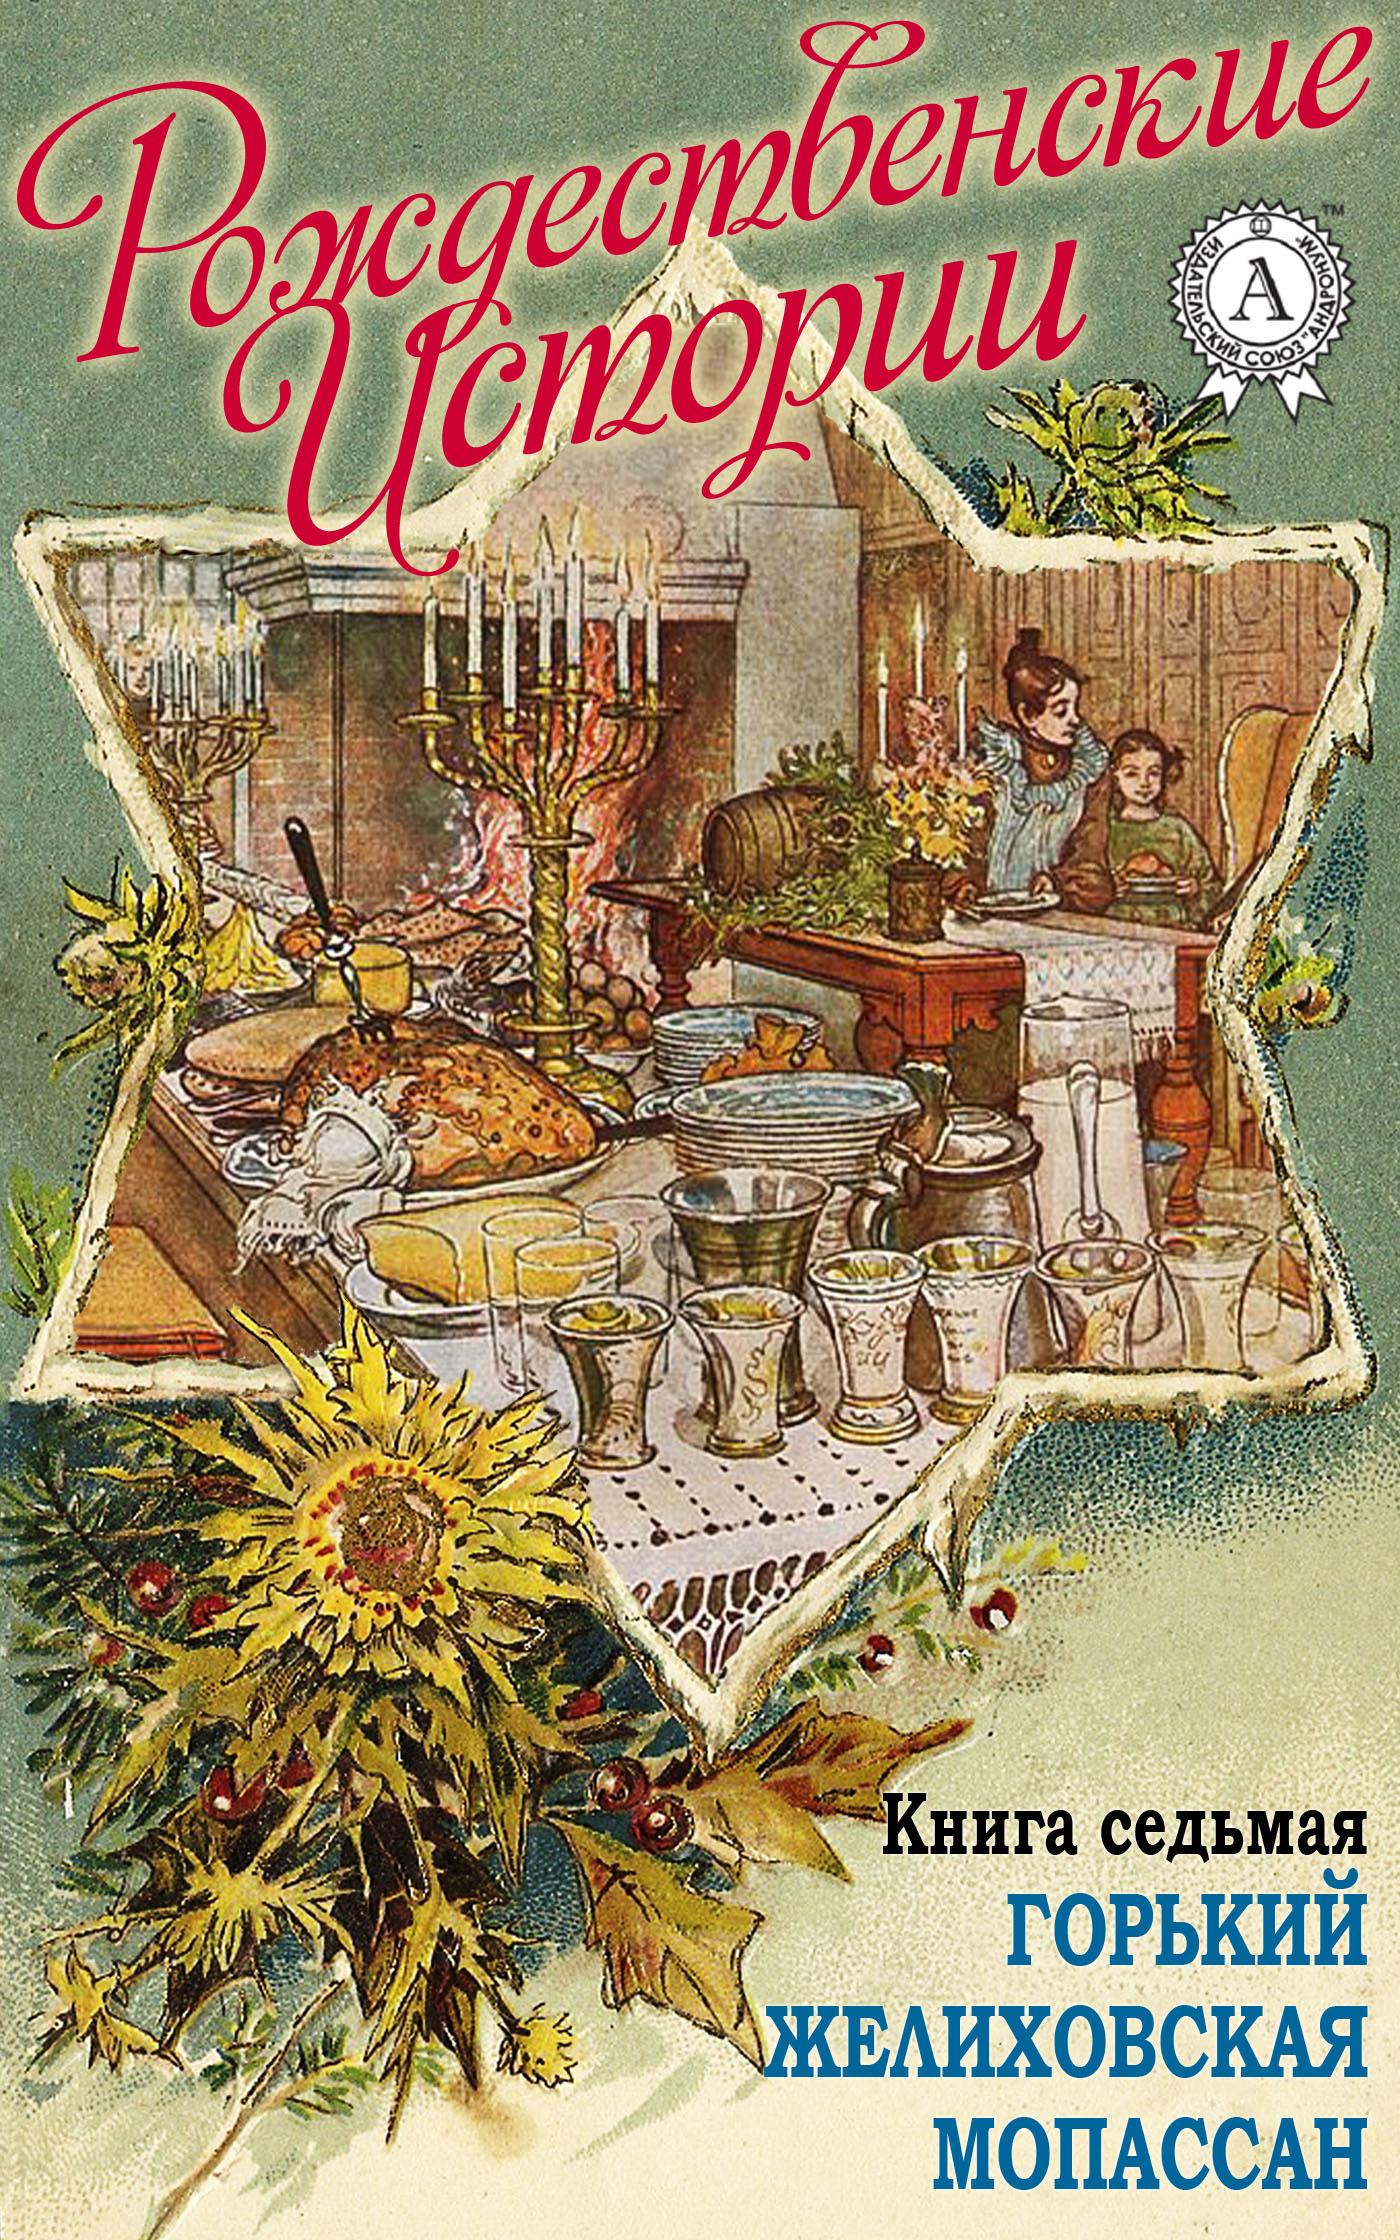 Рождественские истории. Книга седьмая. Горький М.; Желиховская В.; Мопасан Г